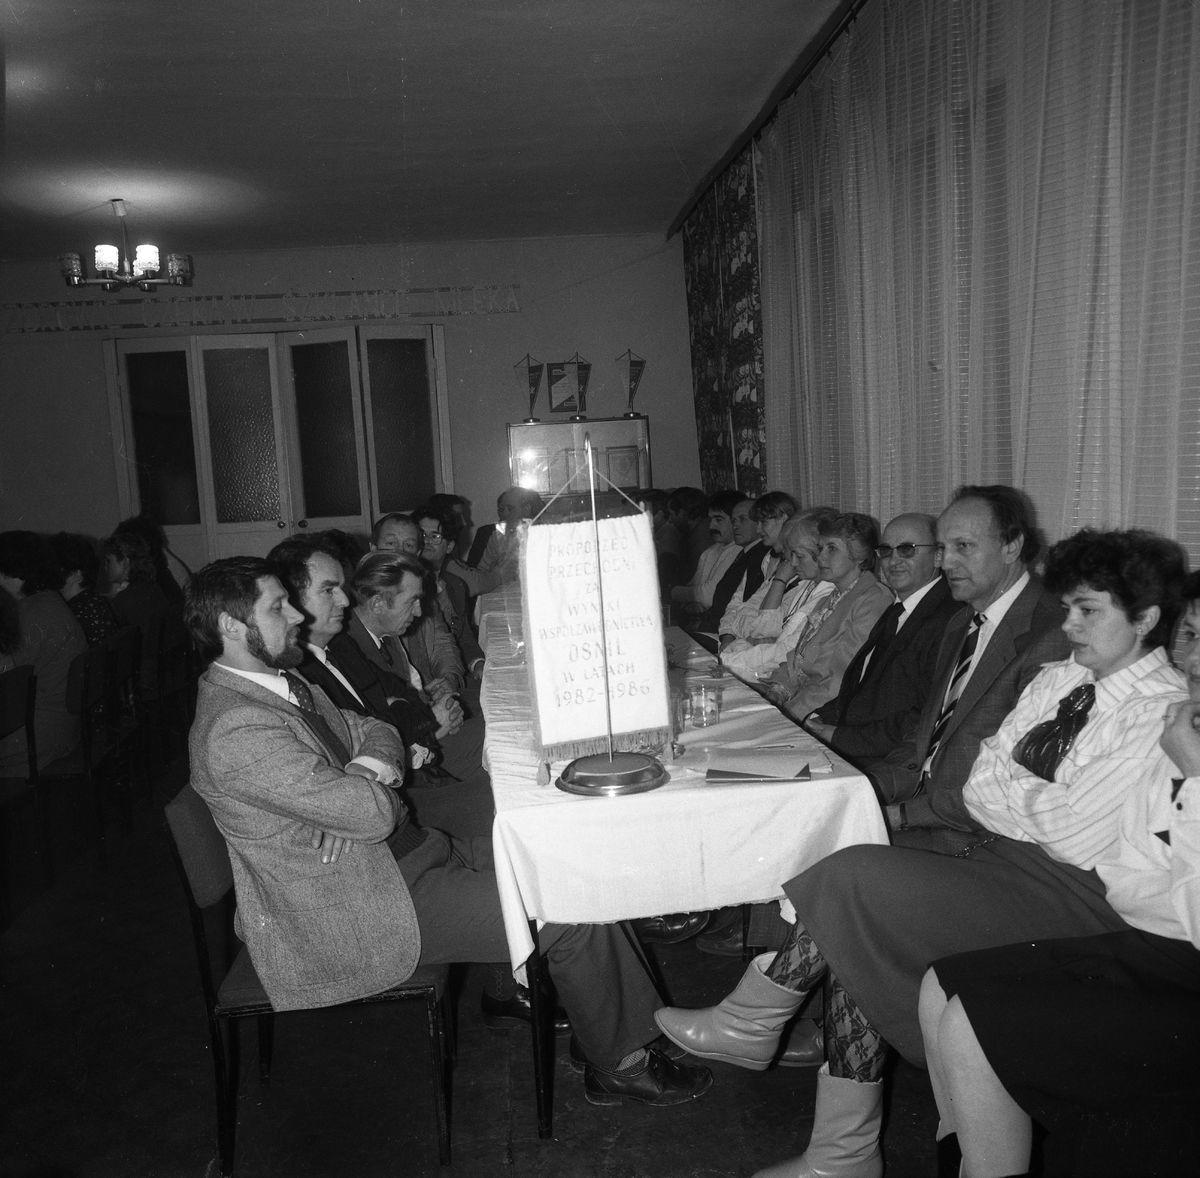 Zdobycie proporca przechodniego, 1987 r.